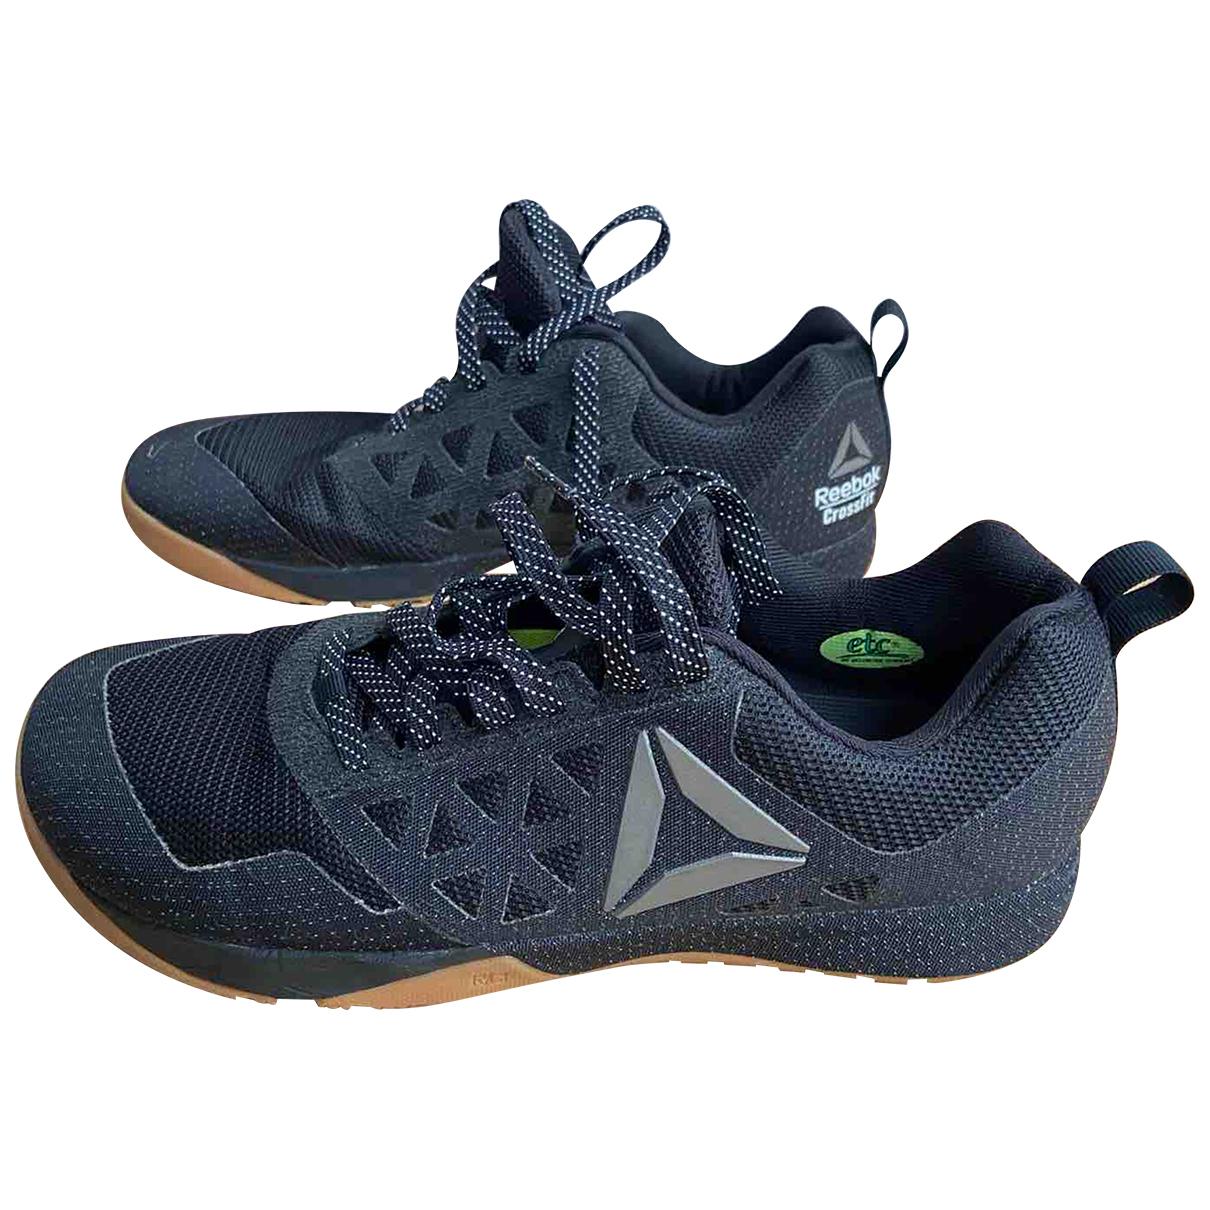 Reebok \N Sneakers in  Schwarz Leinen